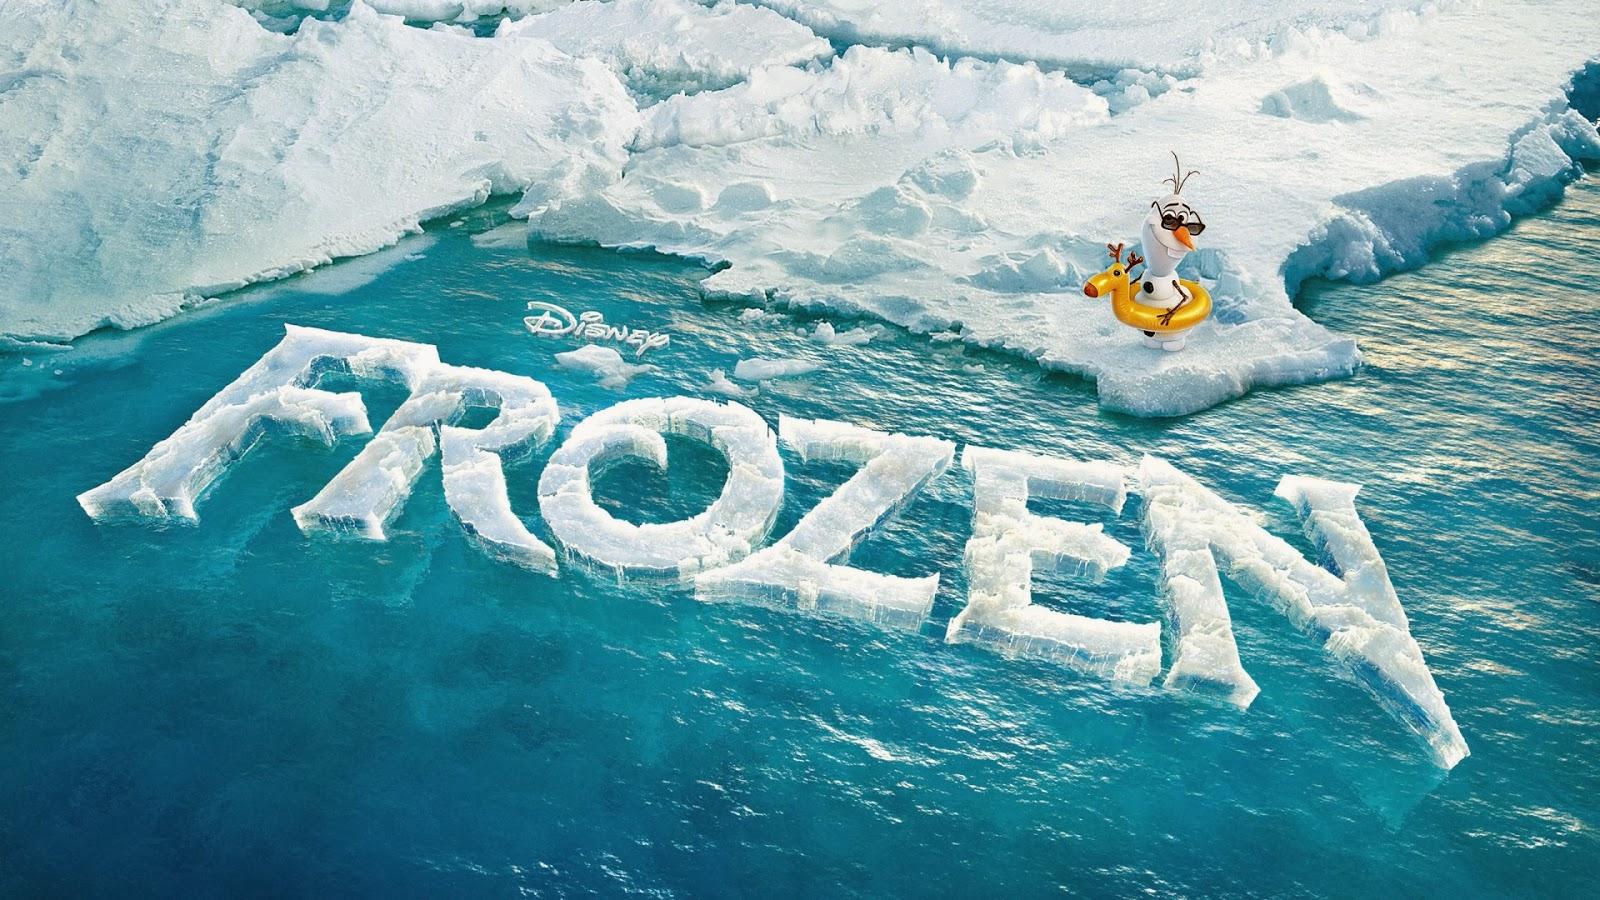 frozen computer wallpapers desktop - photo #2